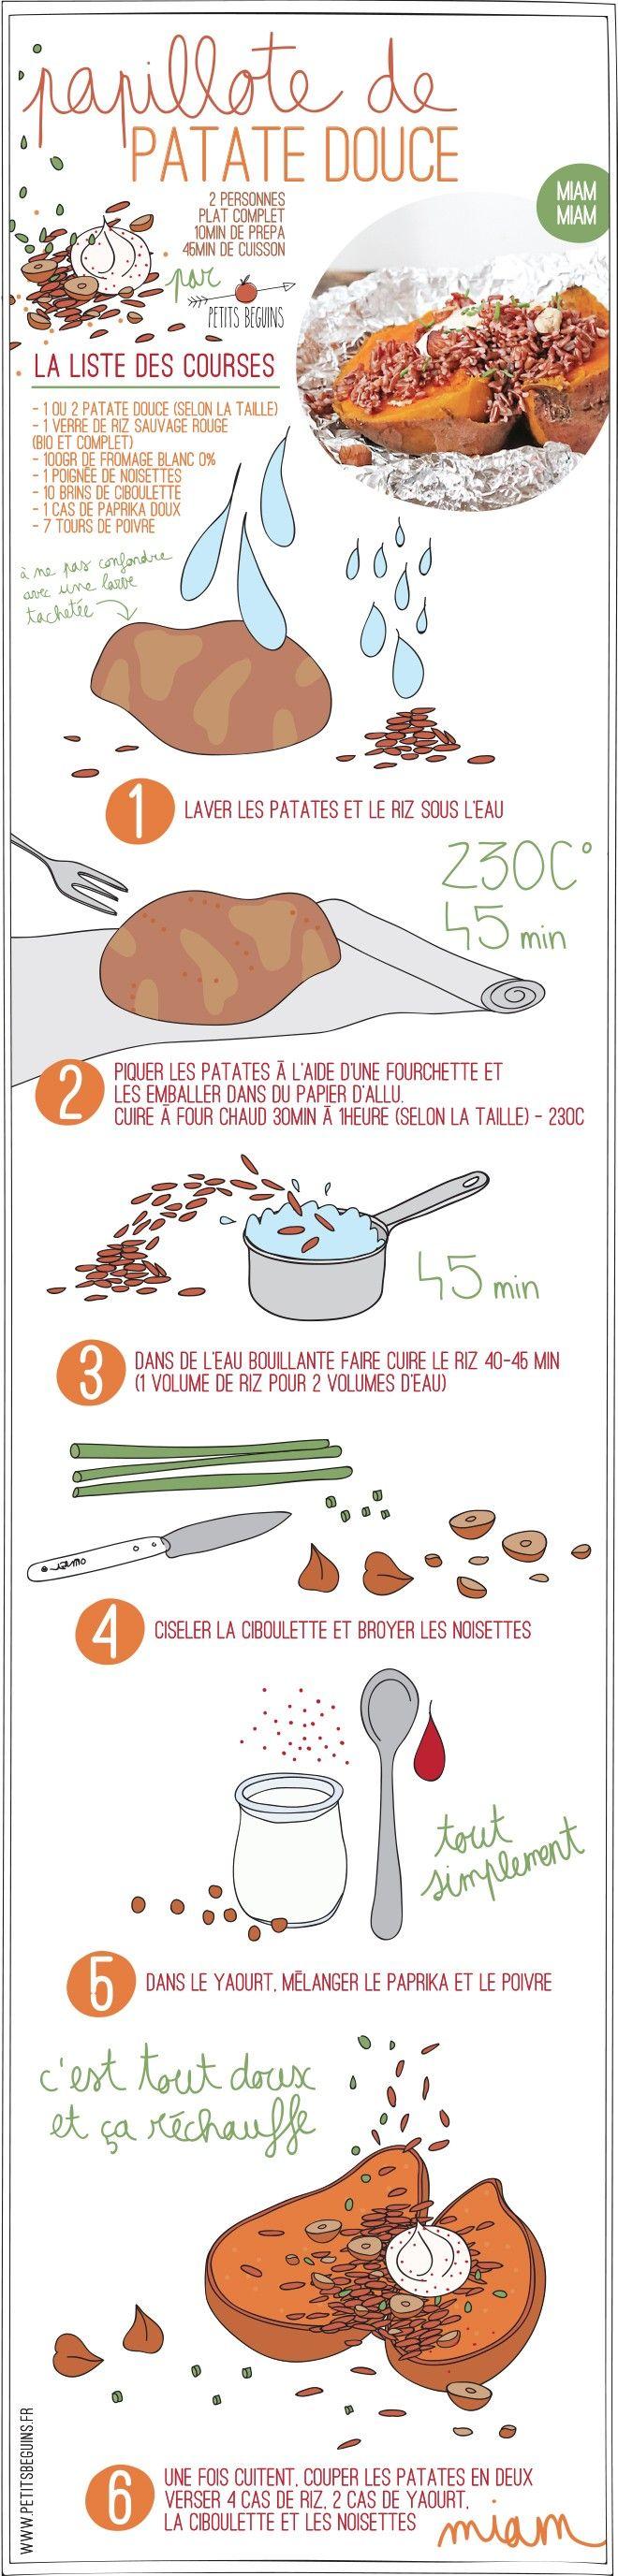 Recette Patate douce - Gourmandise - Petits Béguins